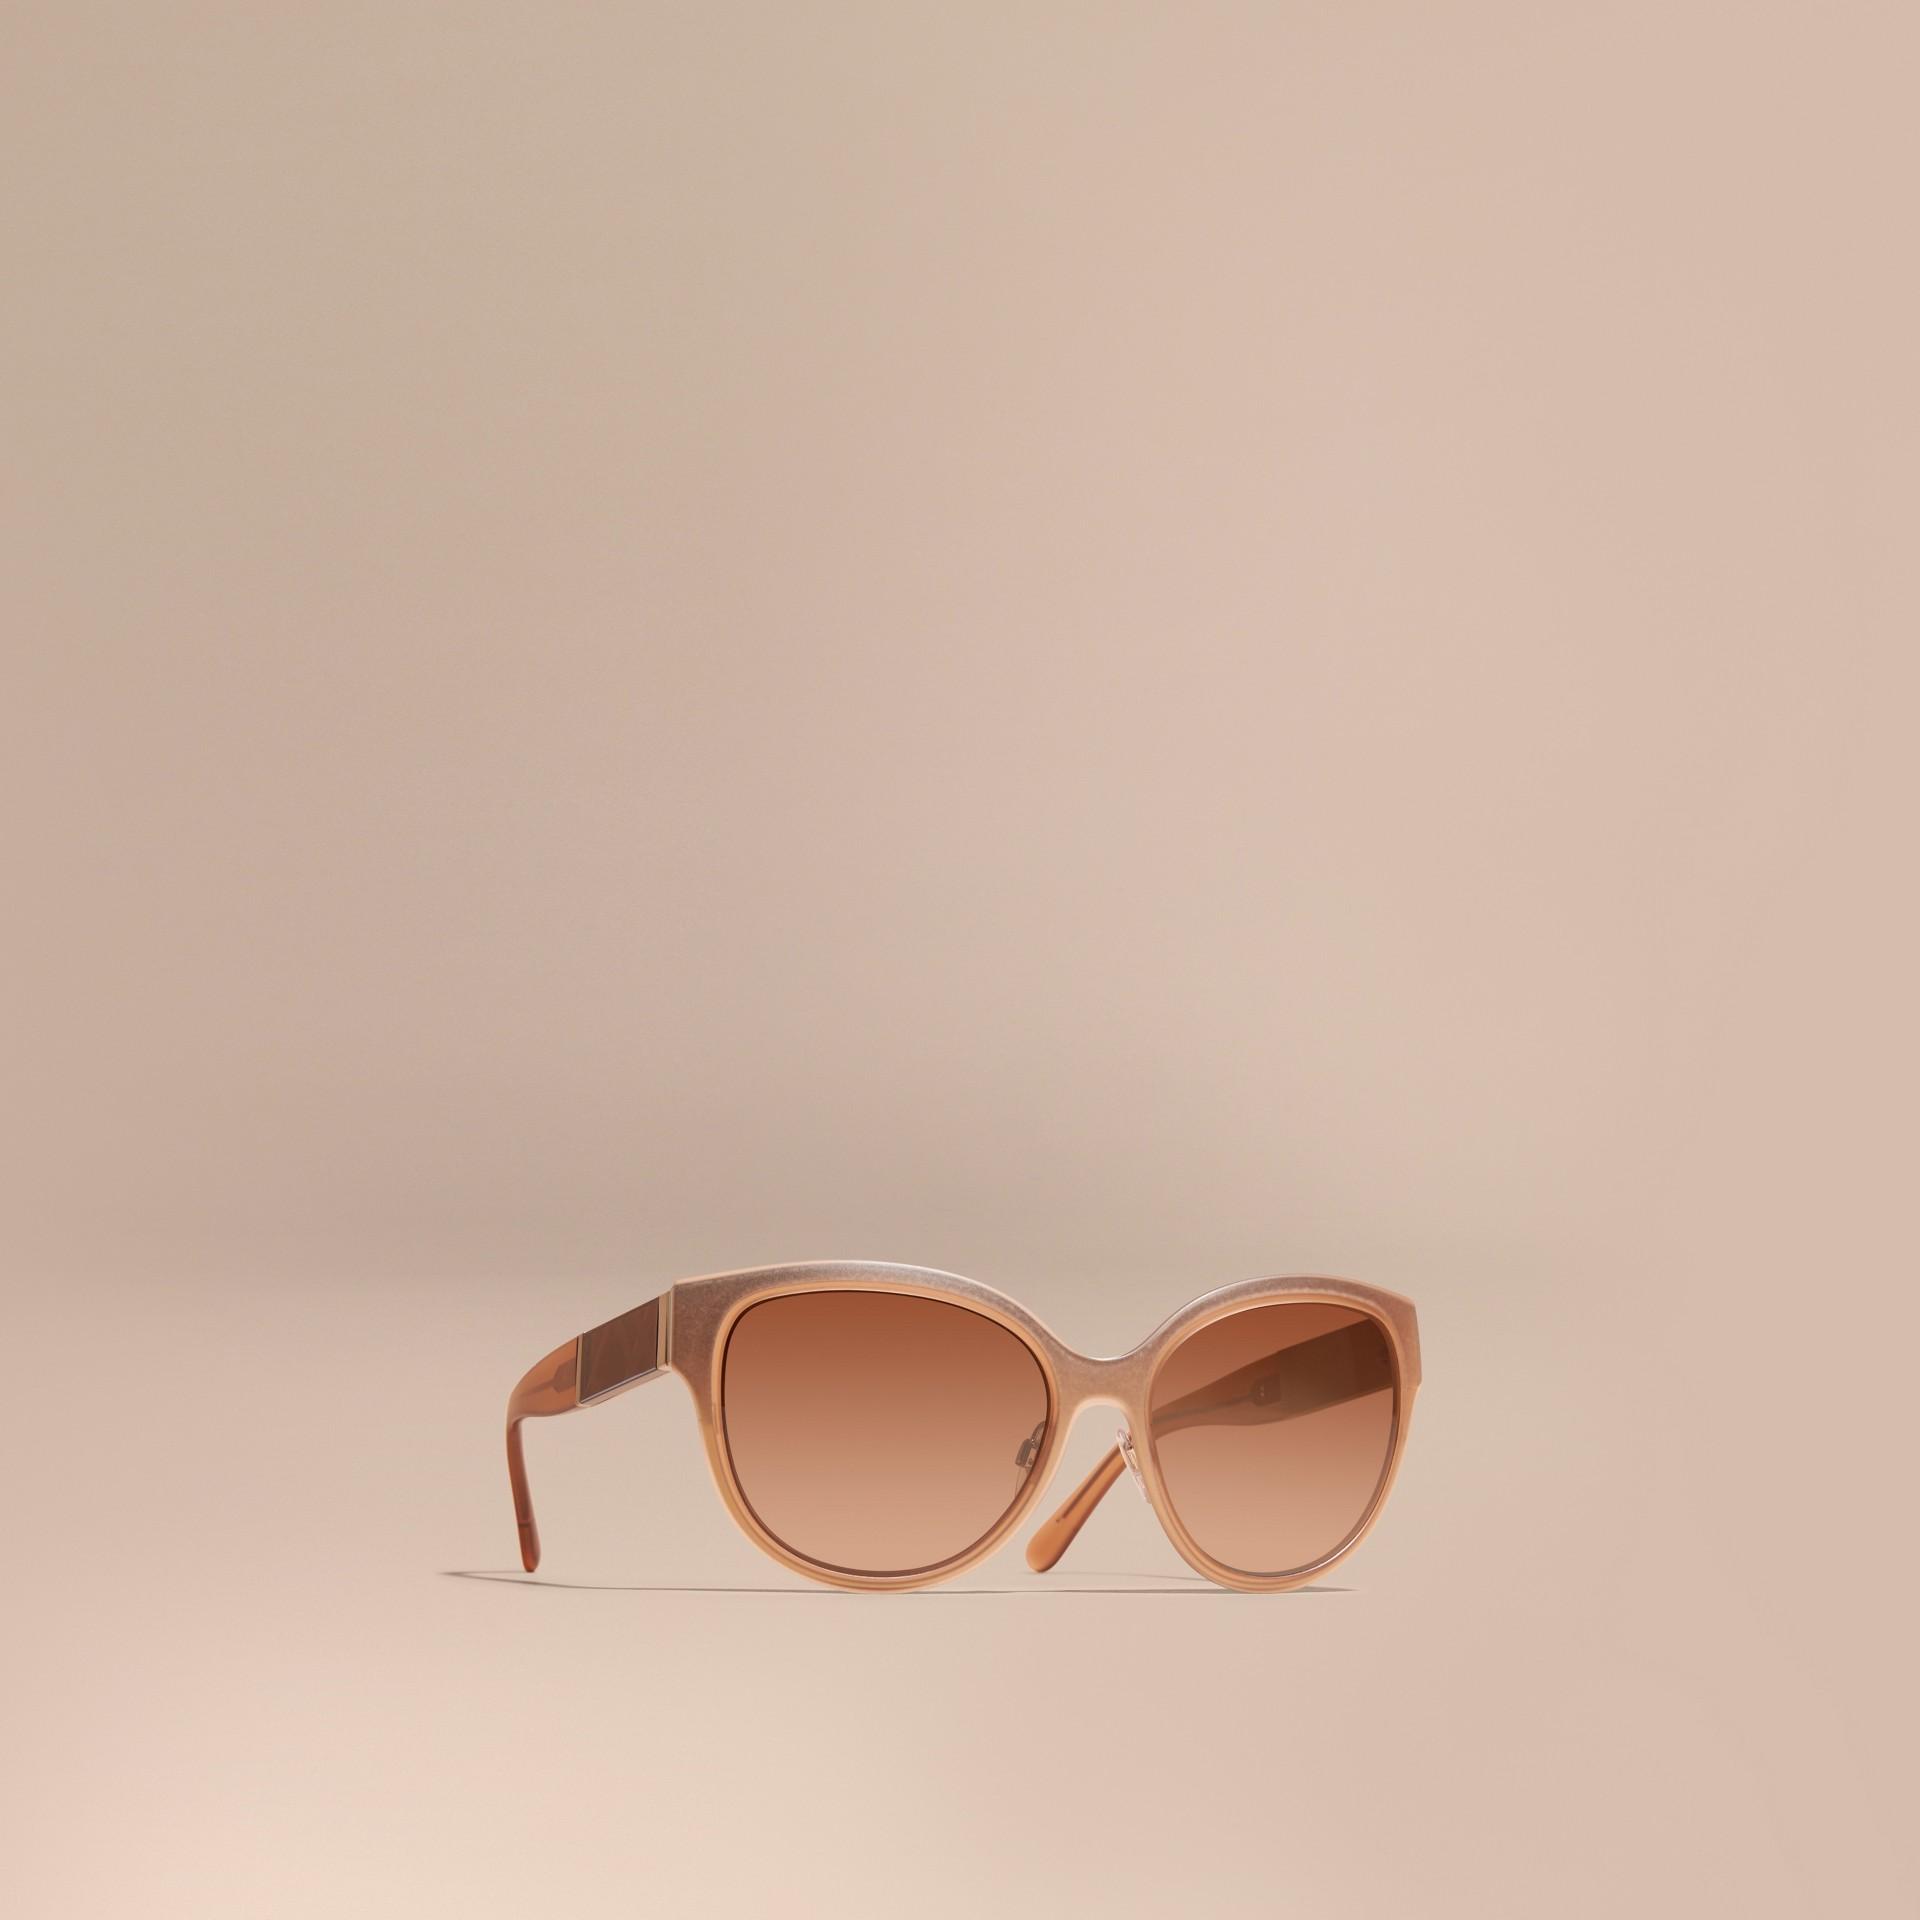 Legno chiaro Occhiali da sole con montatura cat-eye tonda e dettaglio check Legno Chiaro - immagine della galleria 1